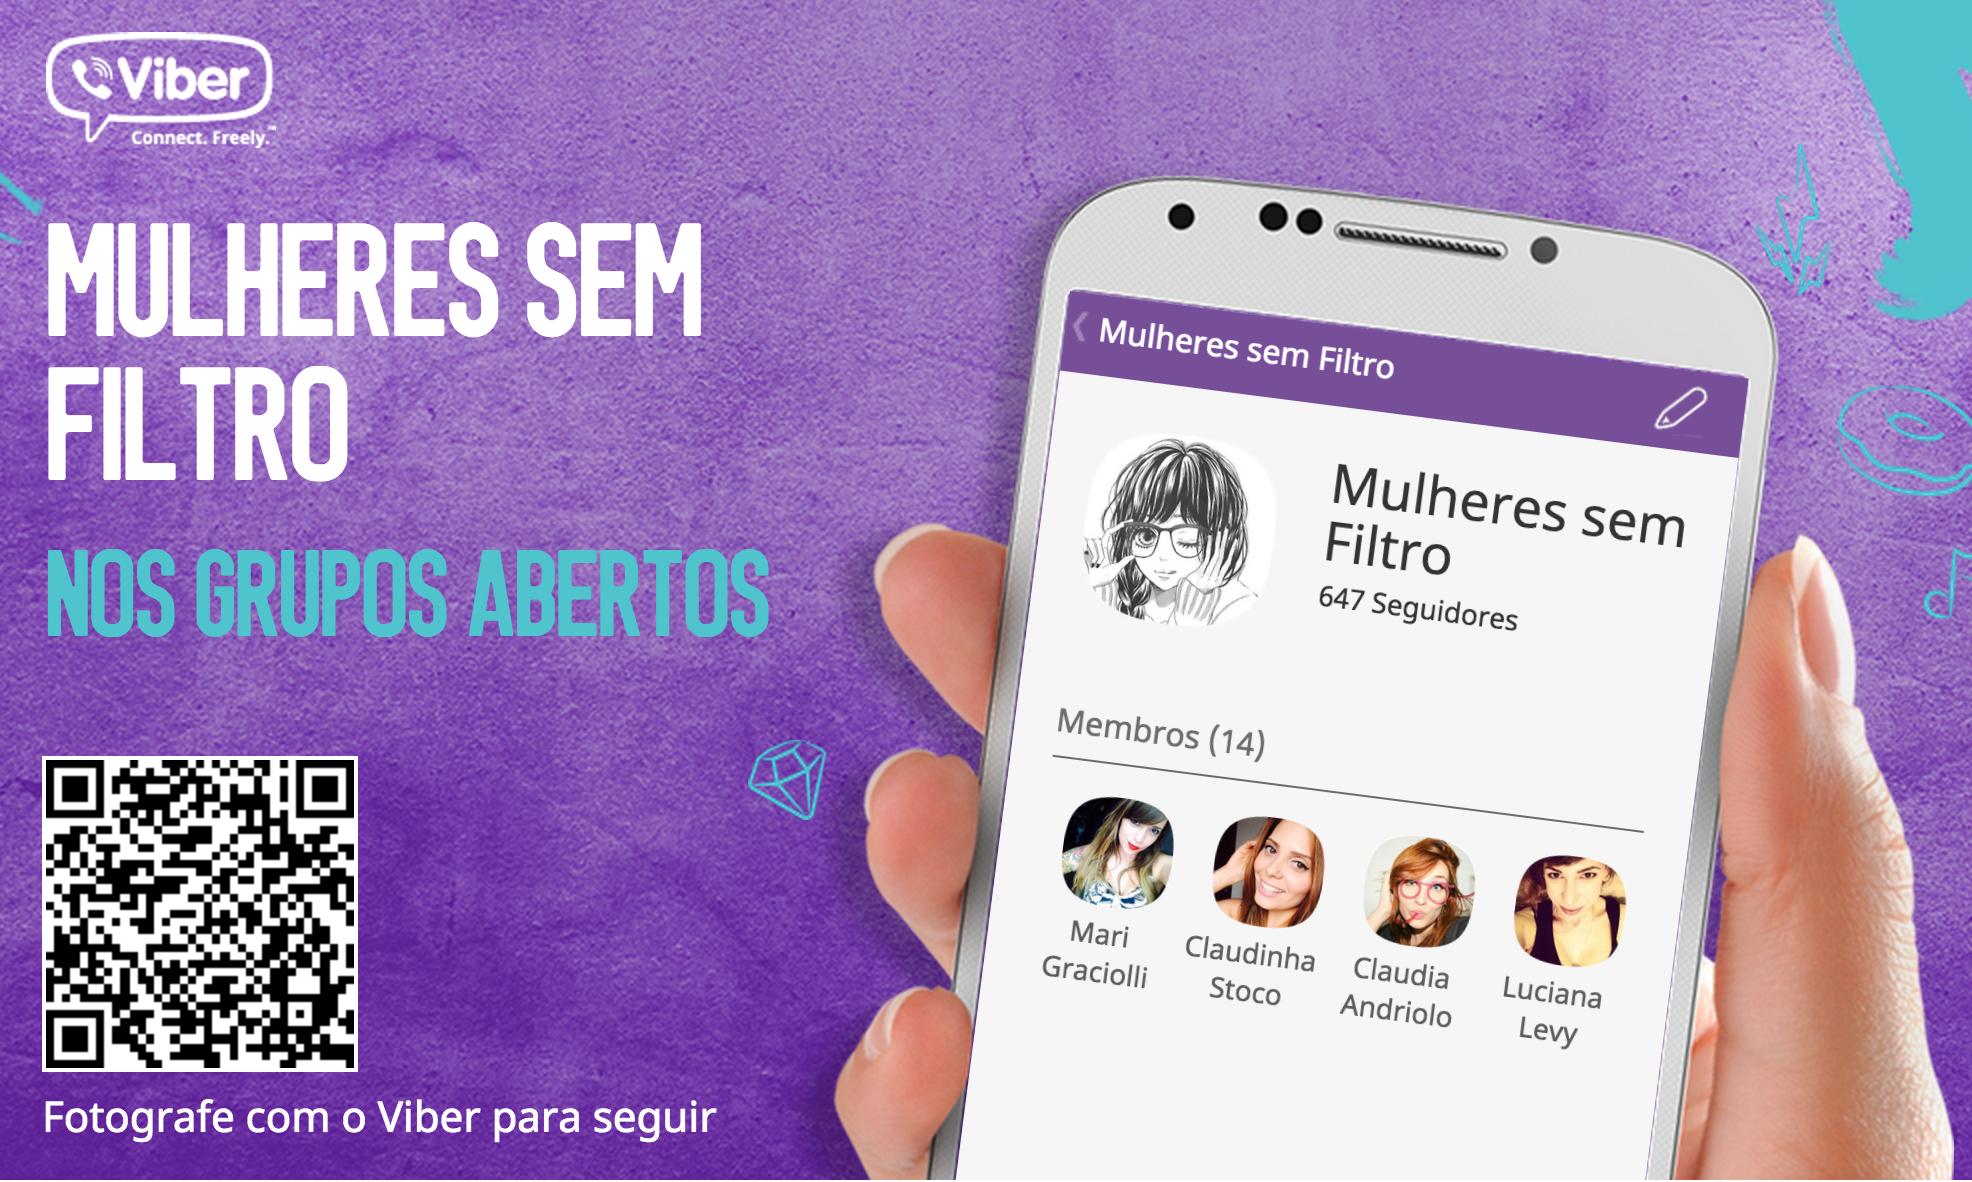 Grupos Abertos do Viber: O que são, como funcionam e como seguir a nova febra das redes sociais